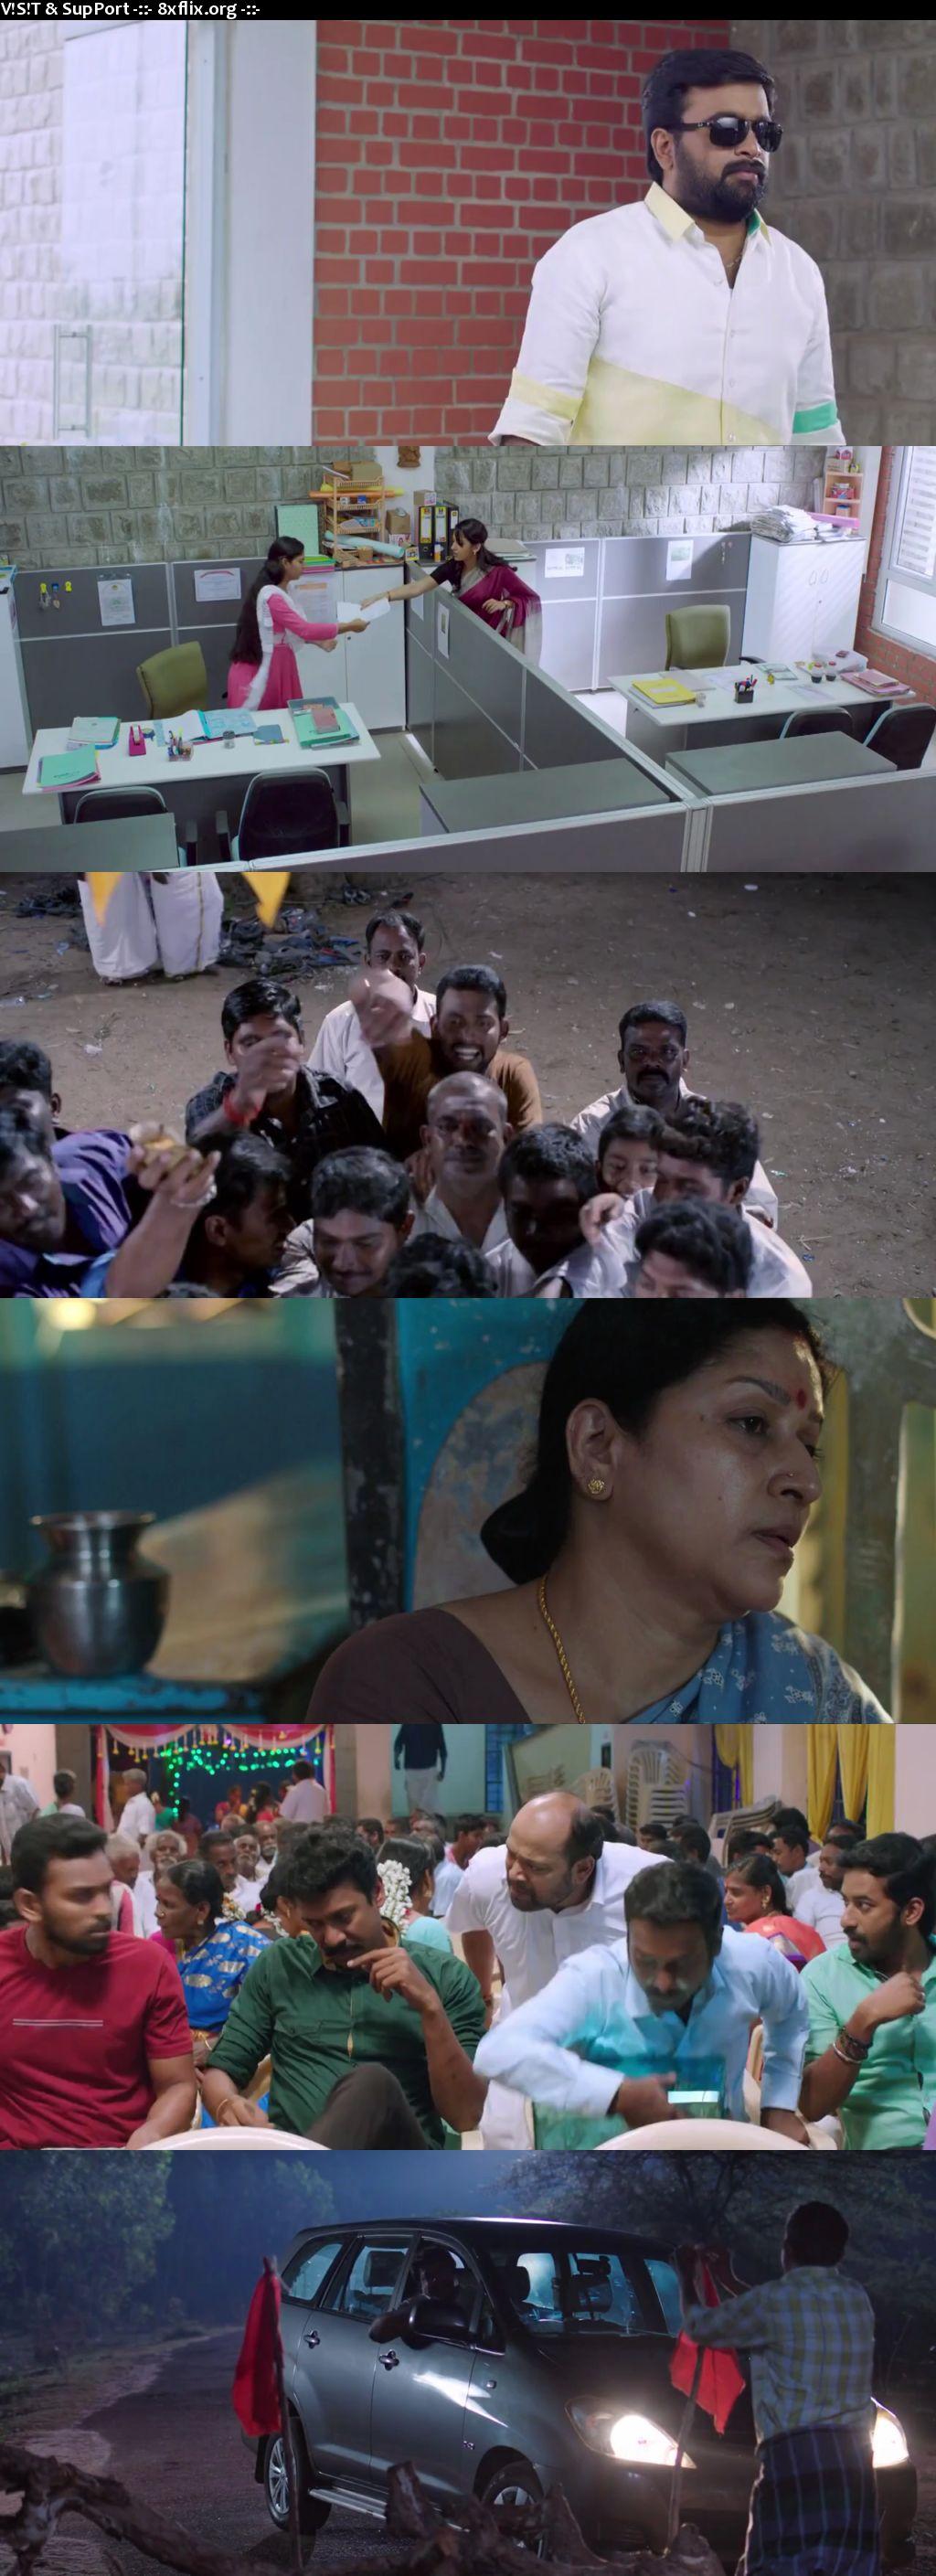 Vetrivel 2016 Hindi Tamil Dual Audio 720p 480p UNCUT HDRip